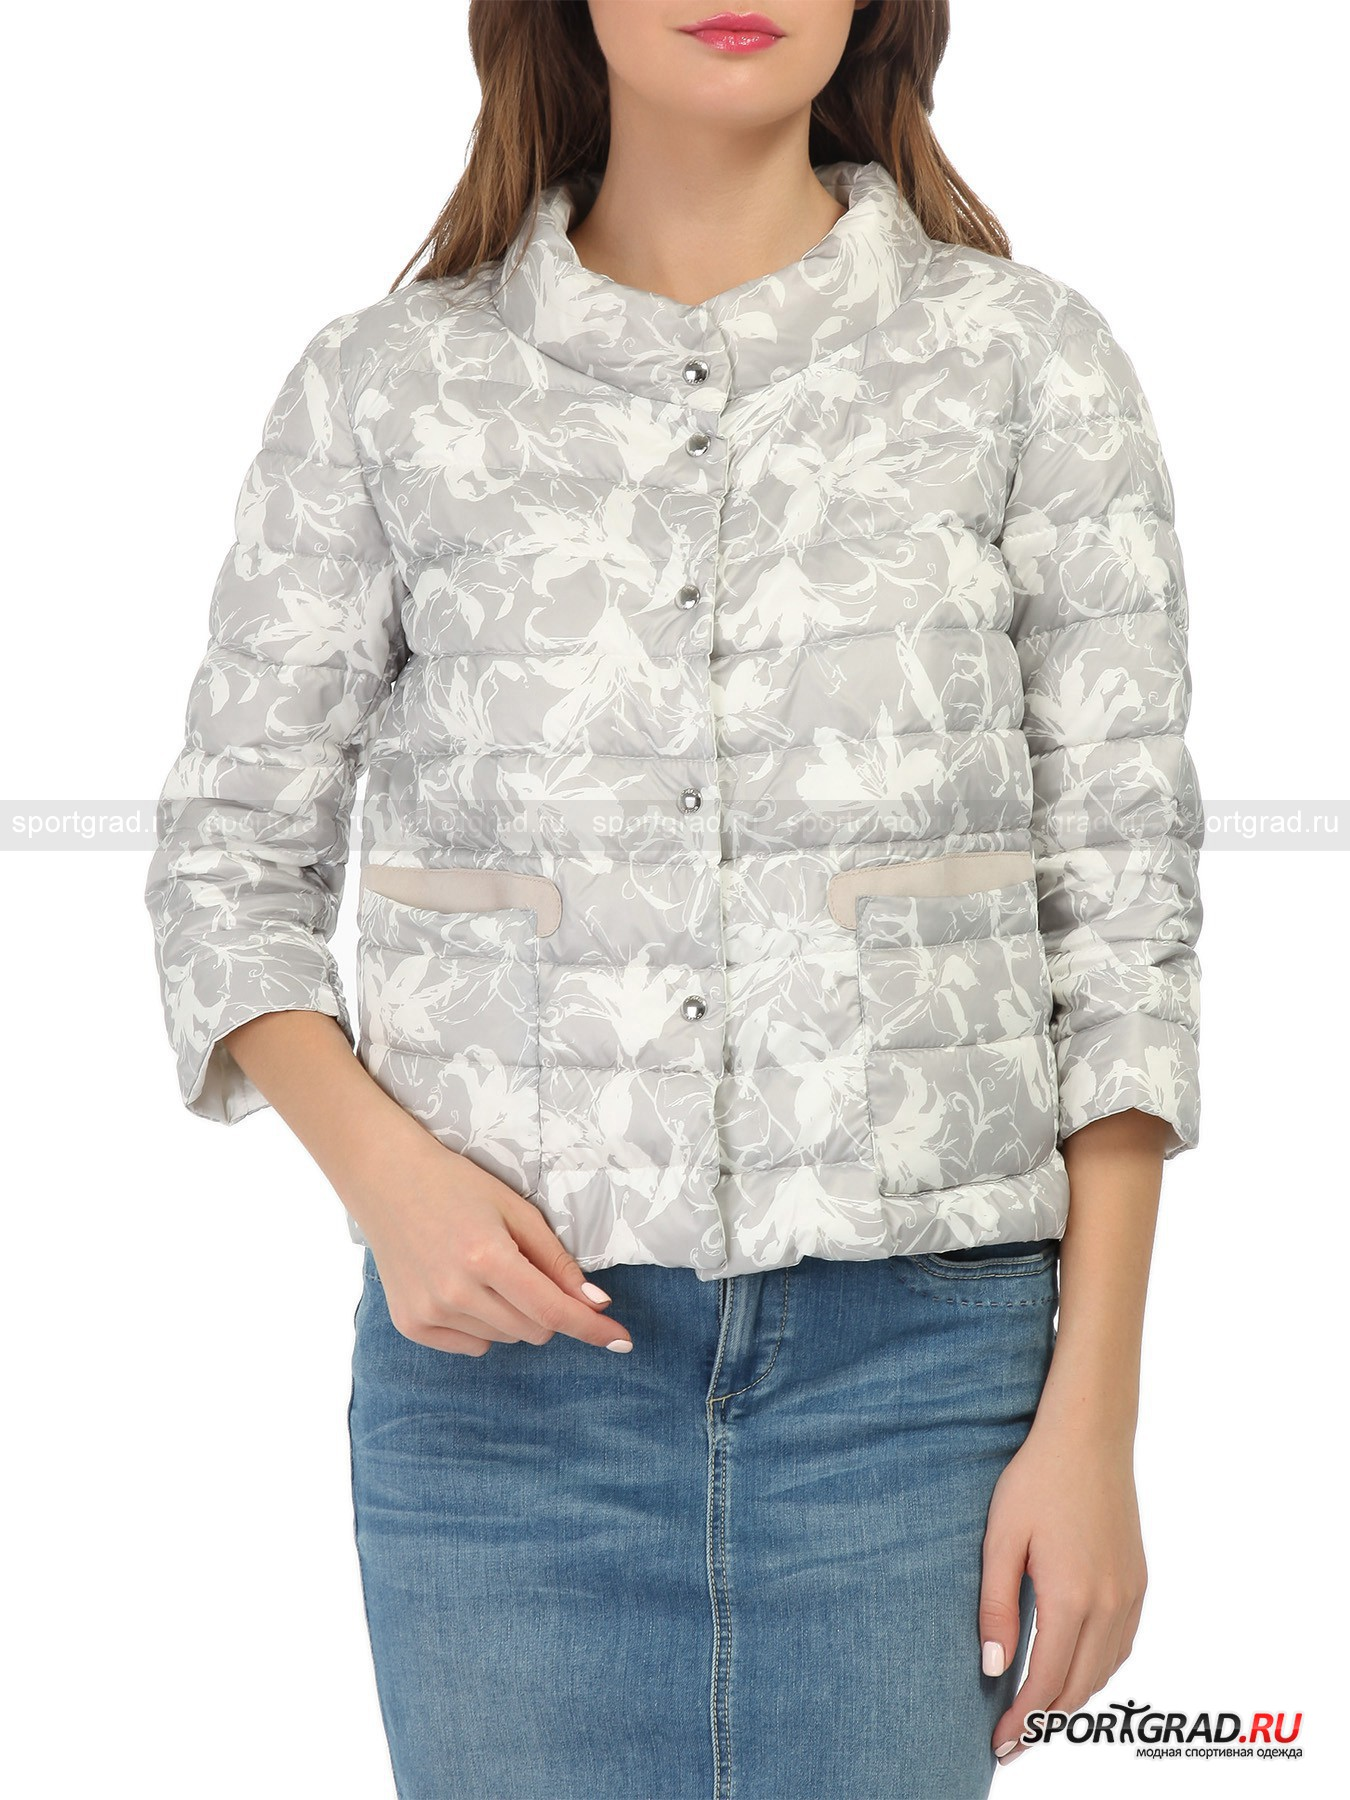 Куртка двусторонняя с утеплителем Emula MABRUNКуртки<br>Изящная невесомая куртка-пуховик Emula Mabrun придаст вашему образу элегантность и утонченность, даже если вы будете носить ее с простыми джинсами и майкой. Куртка имеет две лицевые стороны: одна из них однотонная жемчужно-белая, а другая выполнена в очень интересном серо-коричневом цвета и покрыта изысканным цветочным узором. Модель застегивается на кнопки, с обеих сторон имеются по два кармана.<br><br>Пол: Женский<br>Возраст: Взрослый<br>Тип: Куртки<br>Рекомендации по уходу: стирка в теплой воде до 30 С; не отбеливать; гладить слегка нагретым утюгом (температура до 110 C); химическая чистка сухим способом; нельзя выжимать и сушить в стиральной машине<br>Состав: 100% полиэстер; наполнитель 90% утиный пух, 10% утиное перо